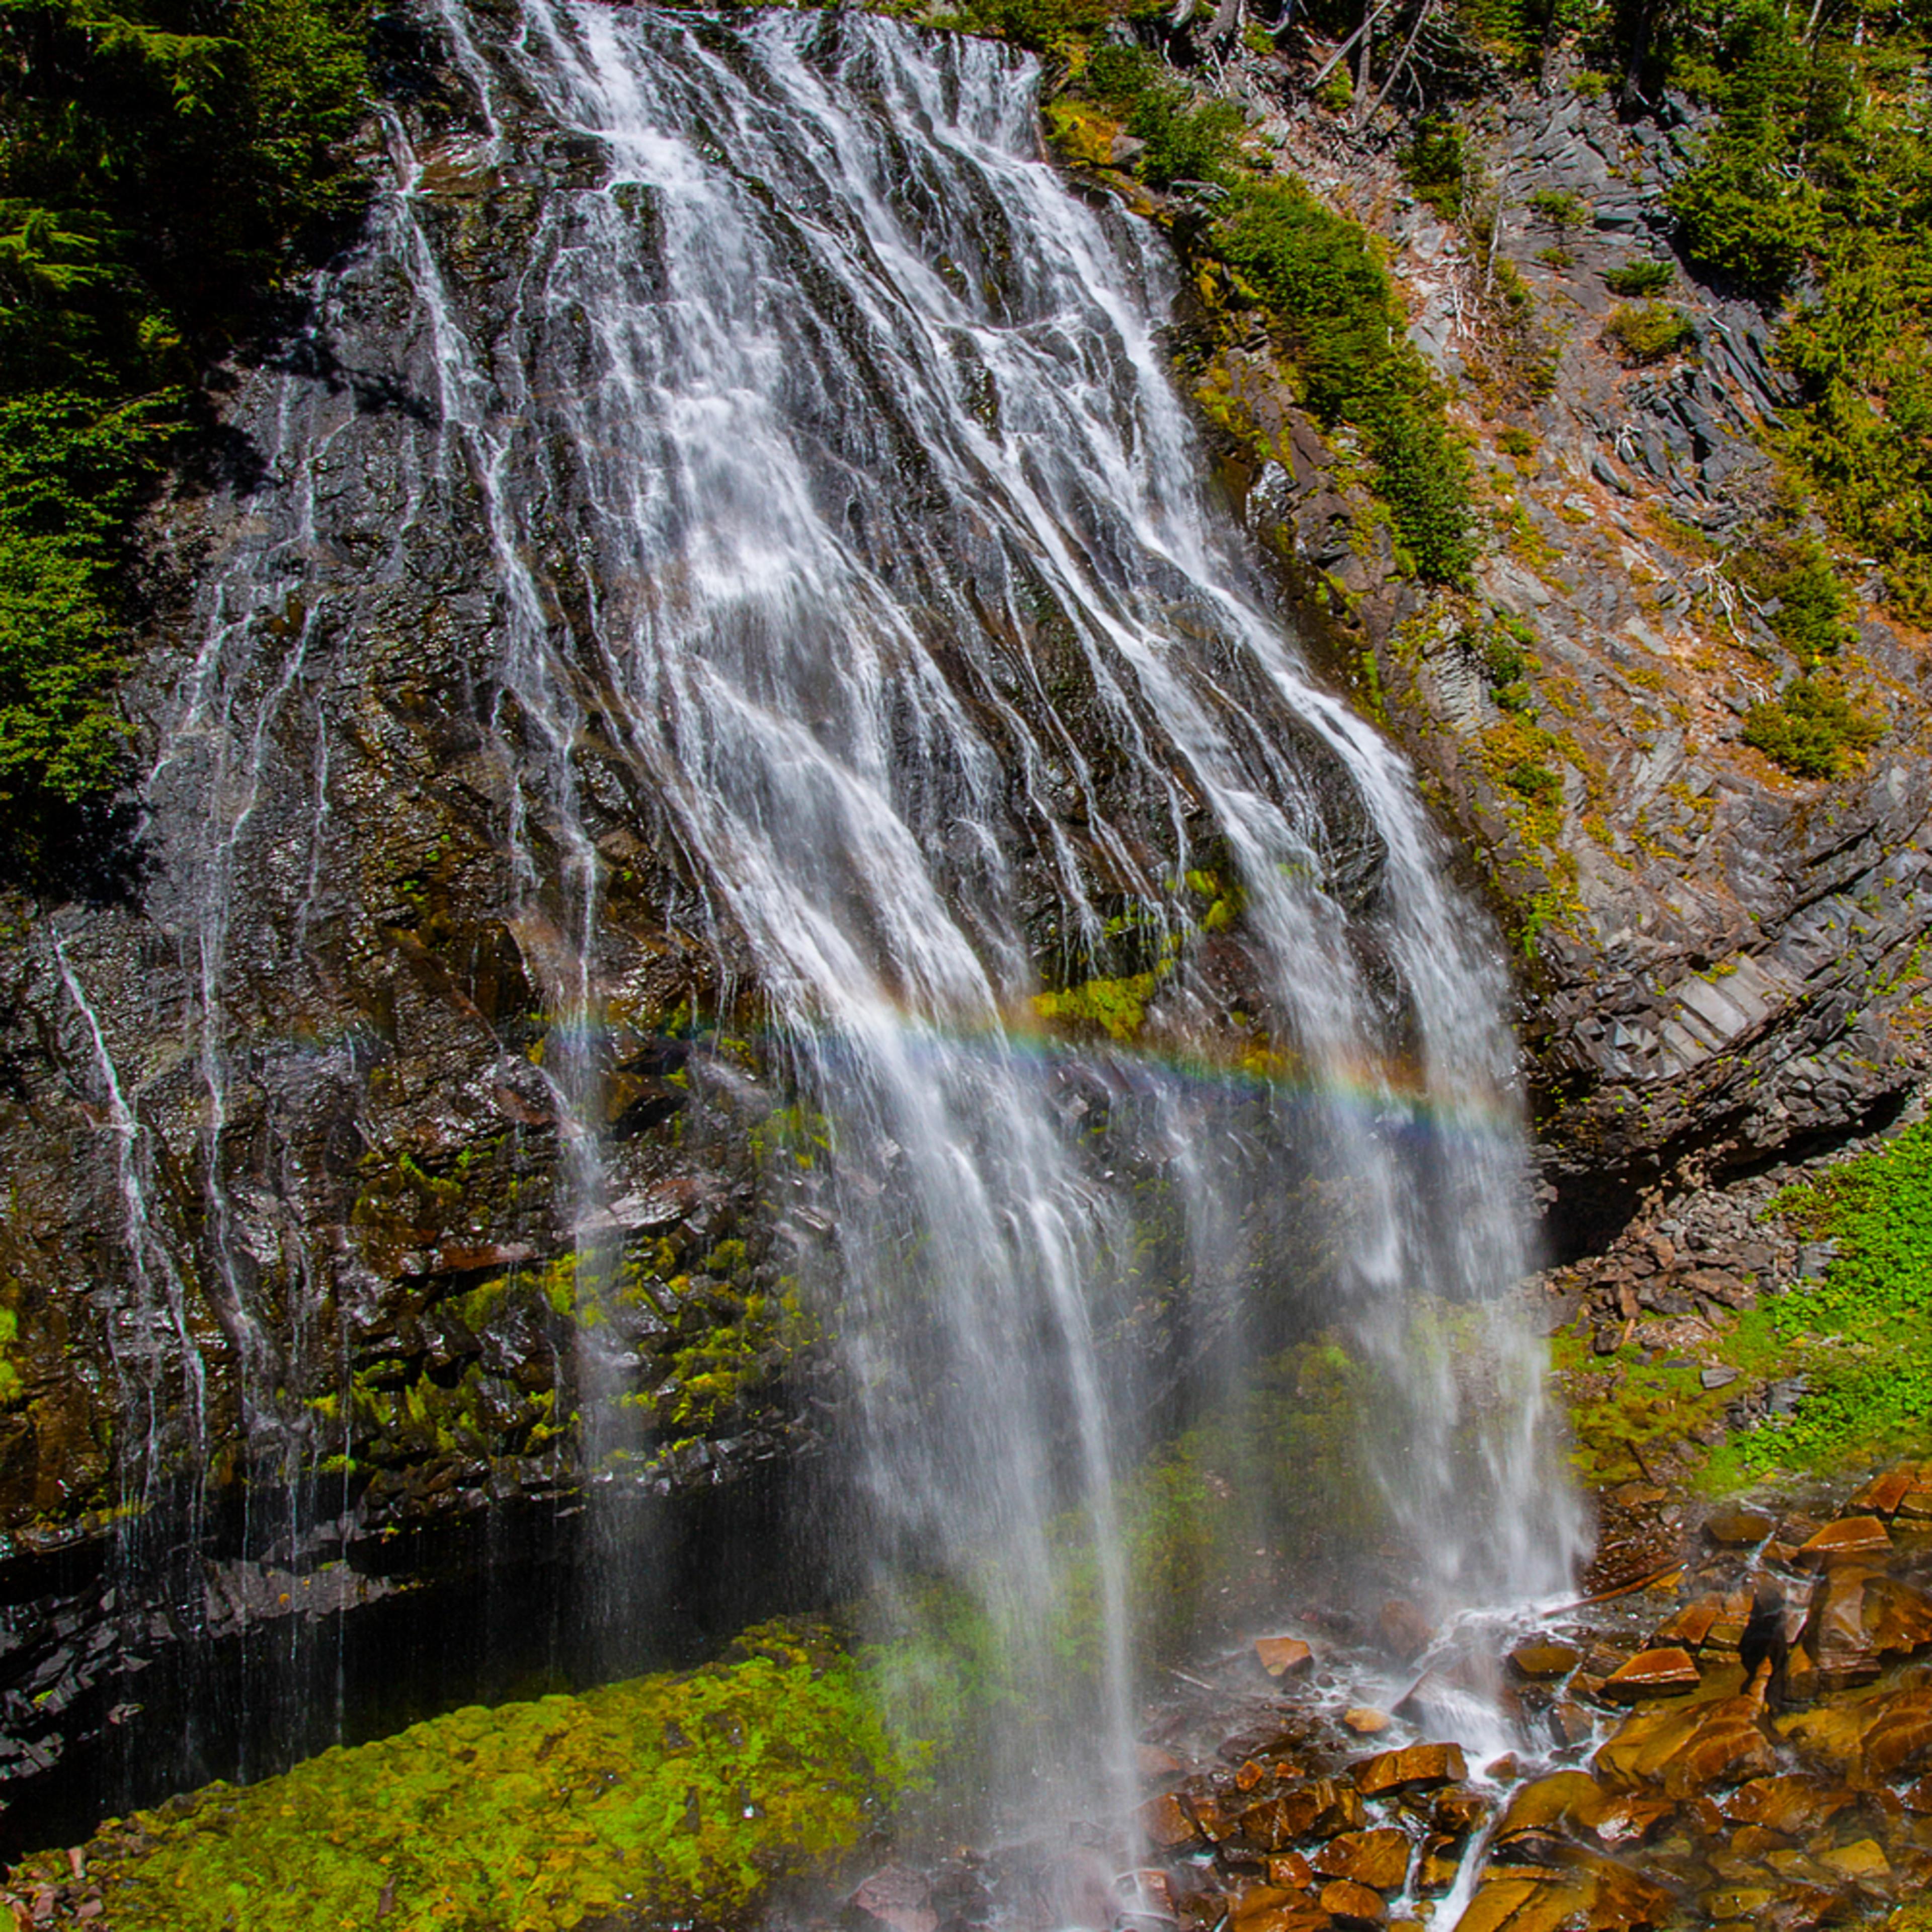 Narads falls vrmllx